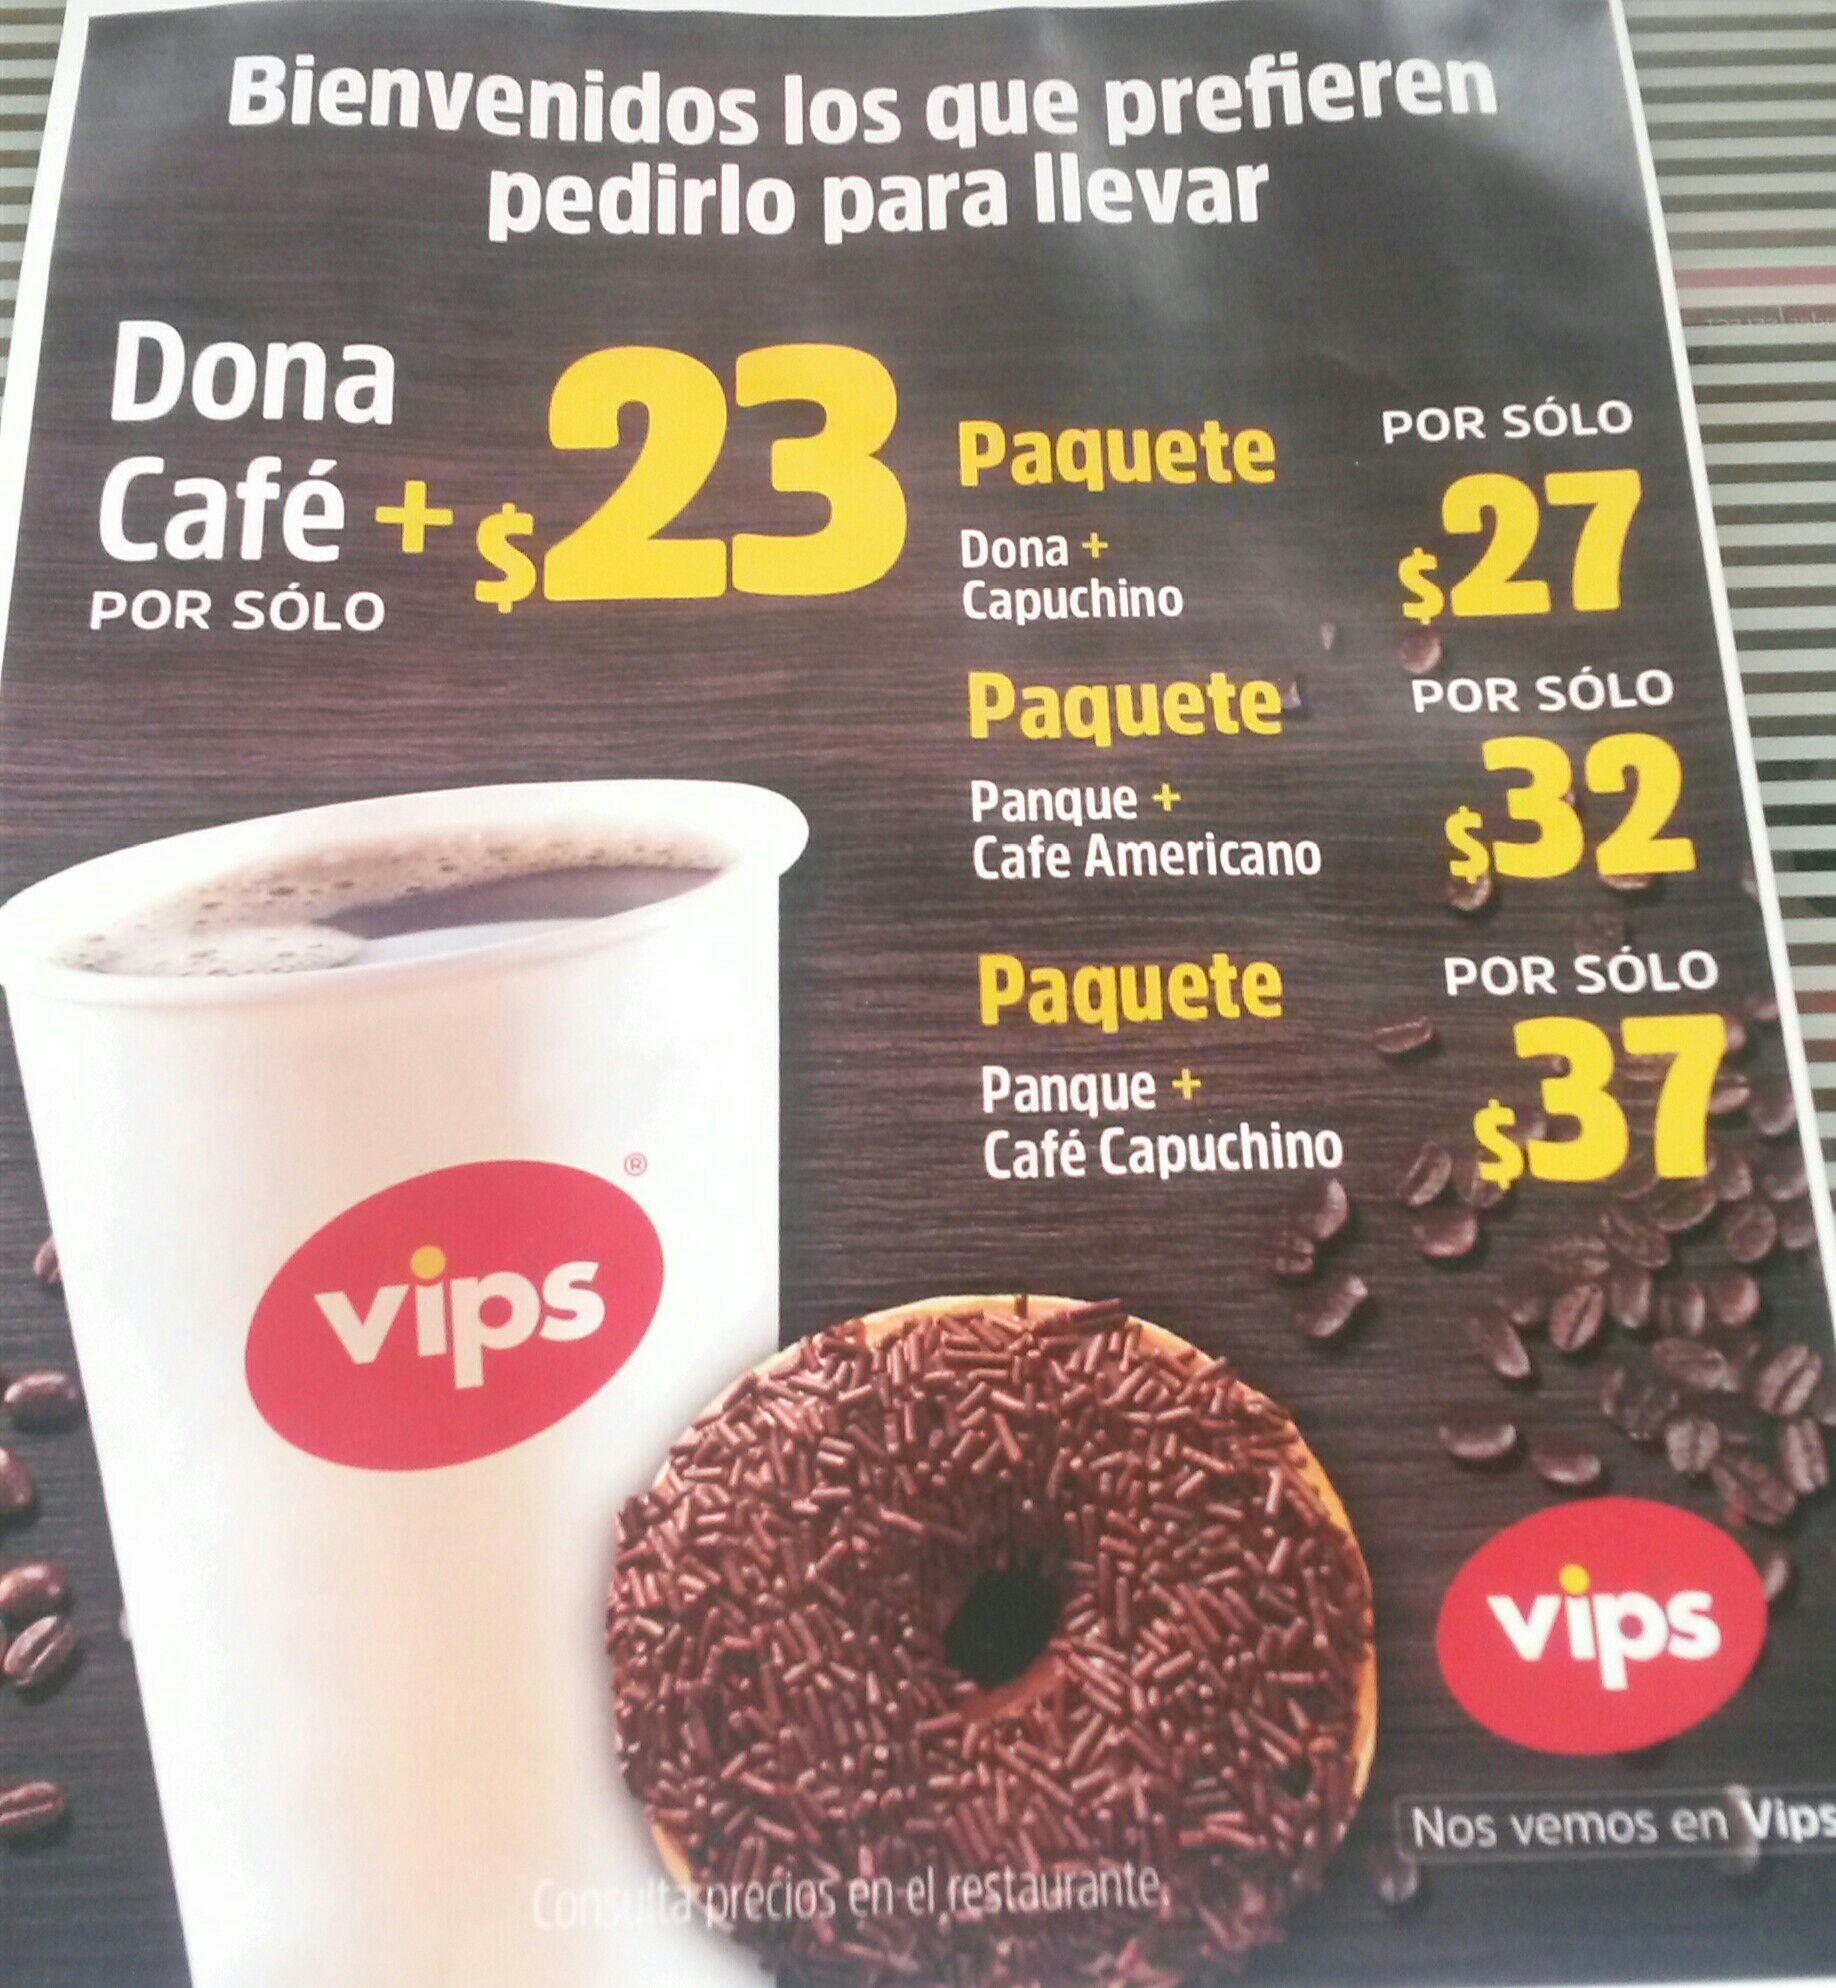 Vips: Café para llevar y dona por $23